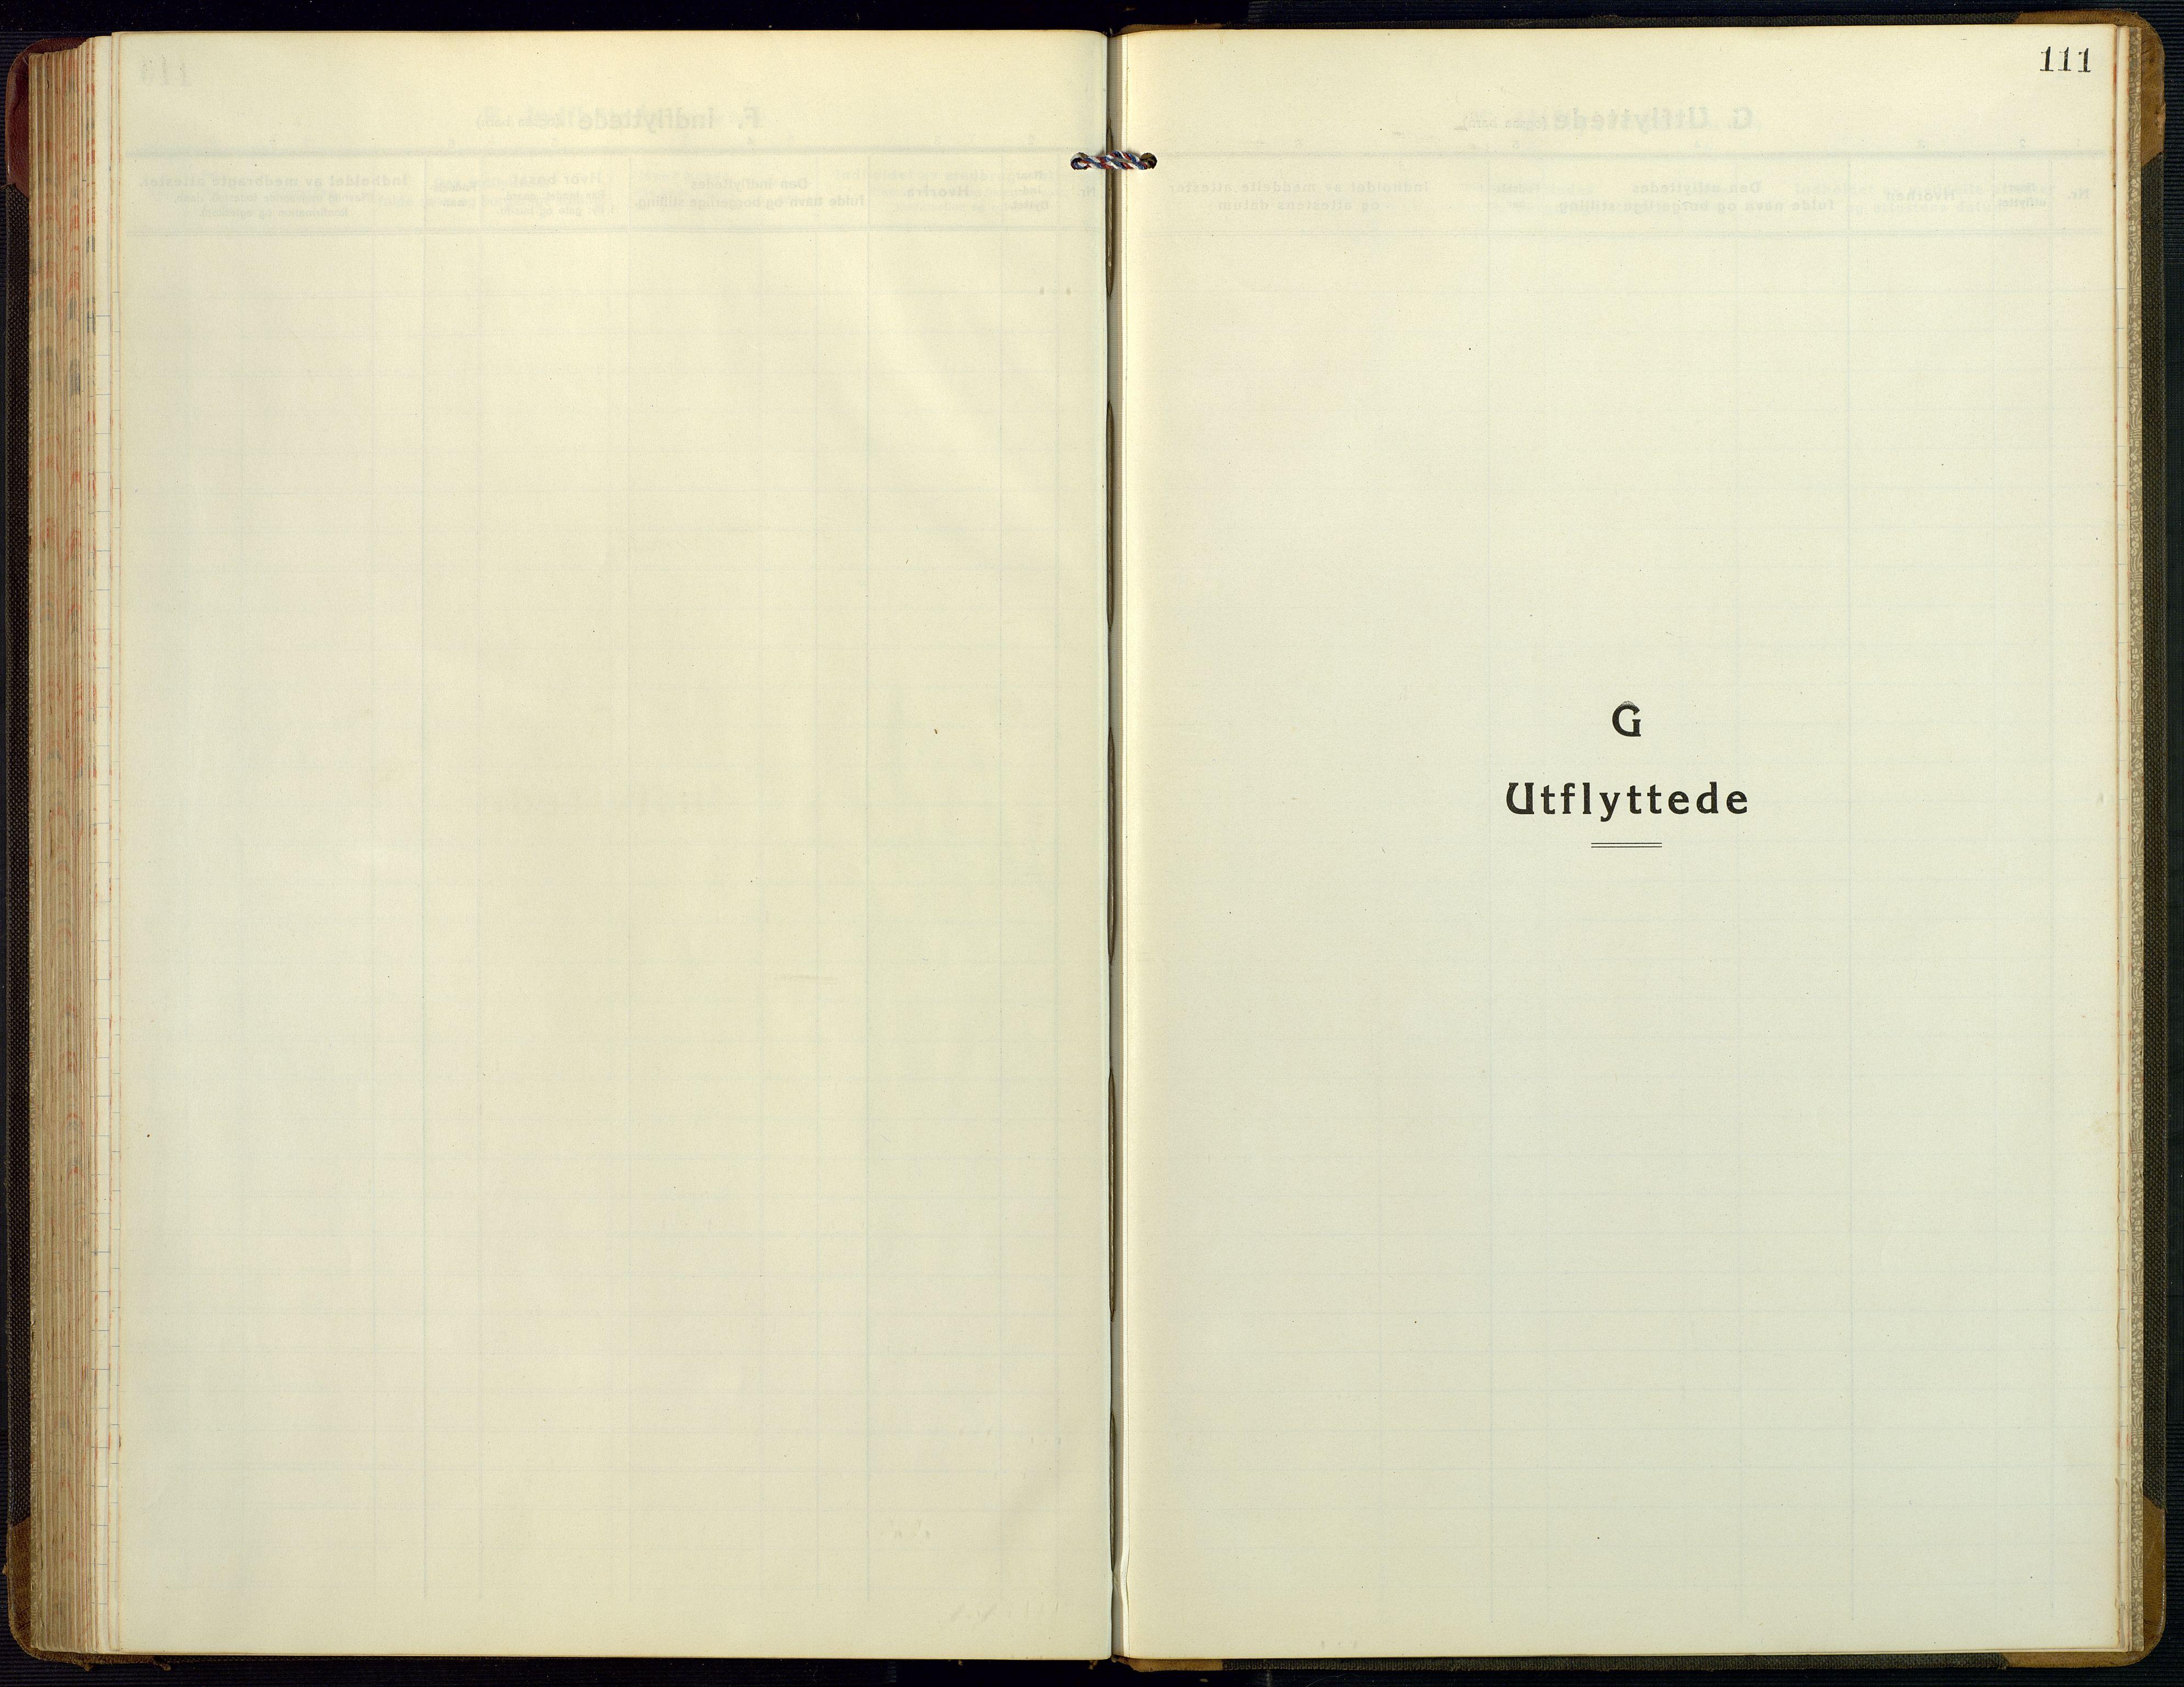 SAK, Bygland sokneprestkontor, F/Fb/Fbb/L0005: Klokkerbok nr. B 5, 1920-1955, s. 111